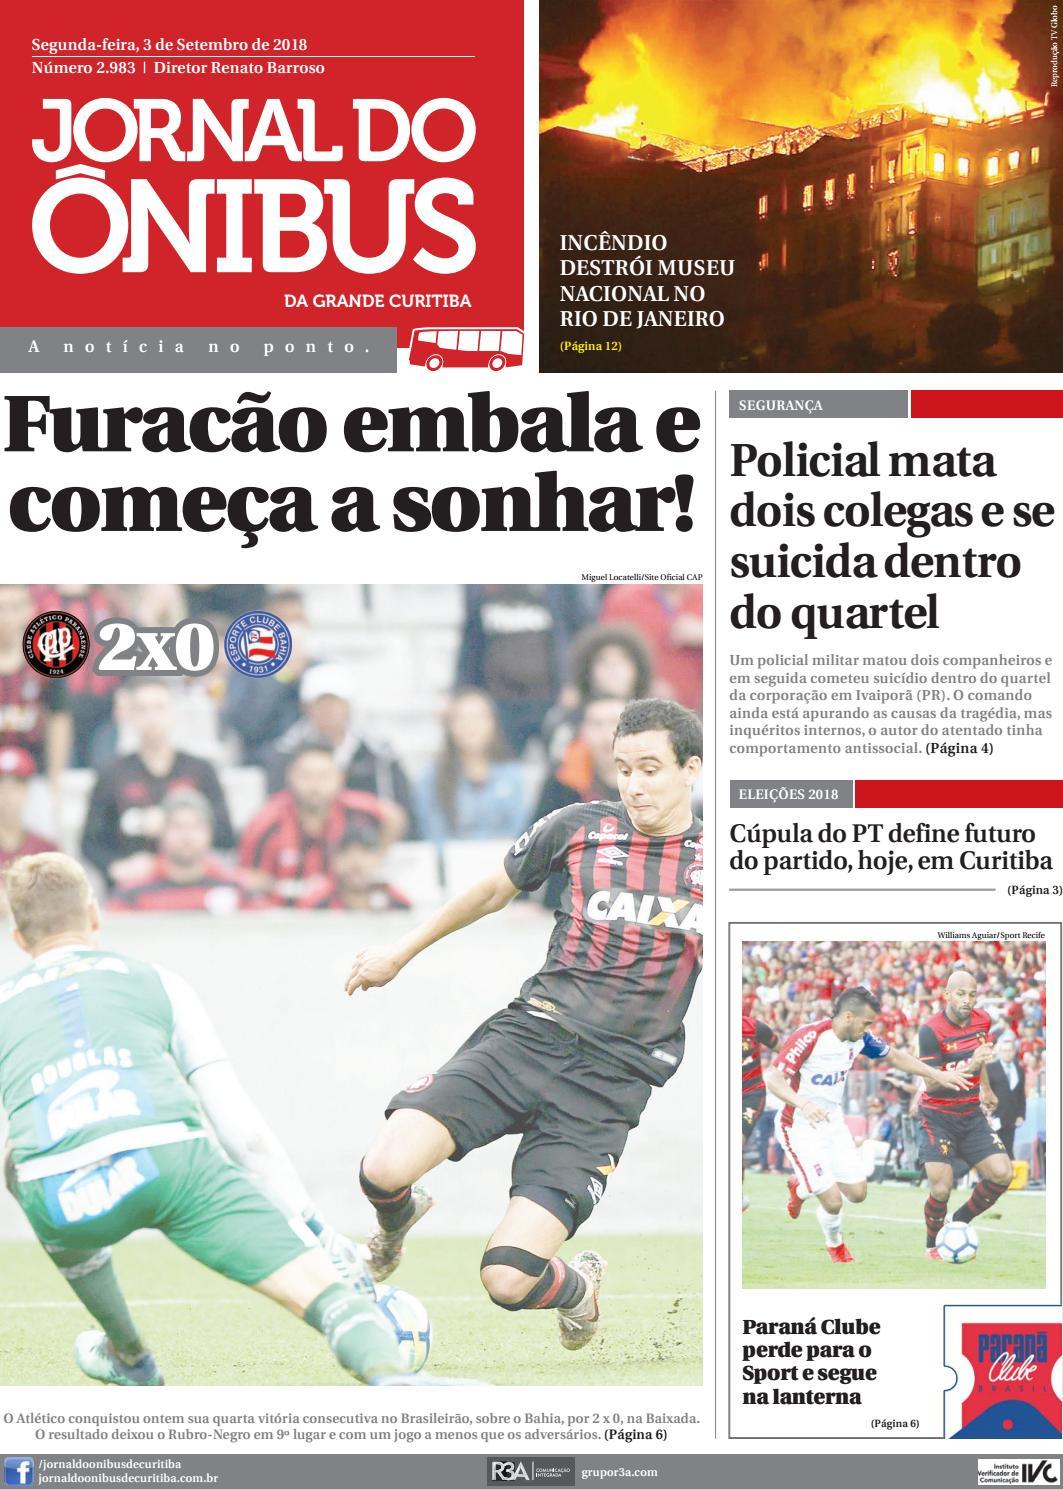 Jornal do Ônibus de Curitiba - 03 09 18 by Editora Correio Paranaense -  issuu a157bb40d5b7a